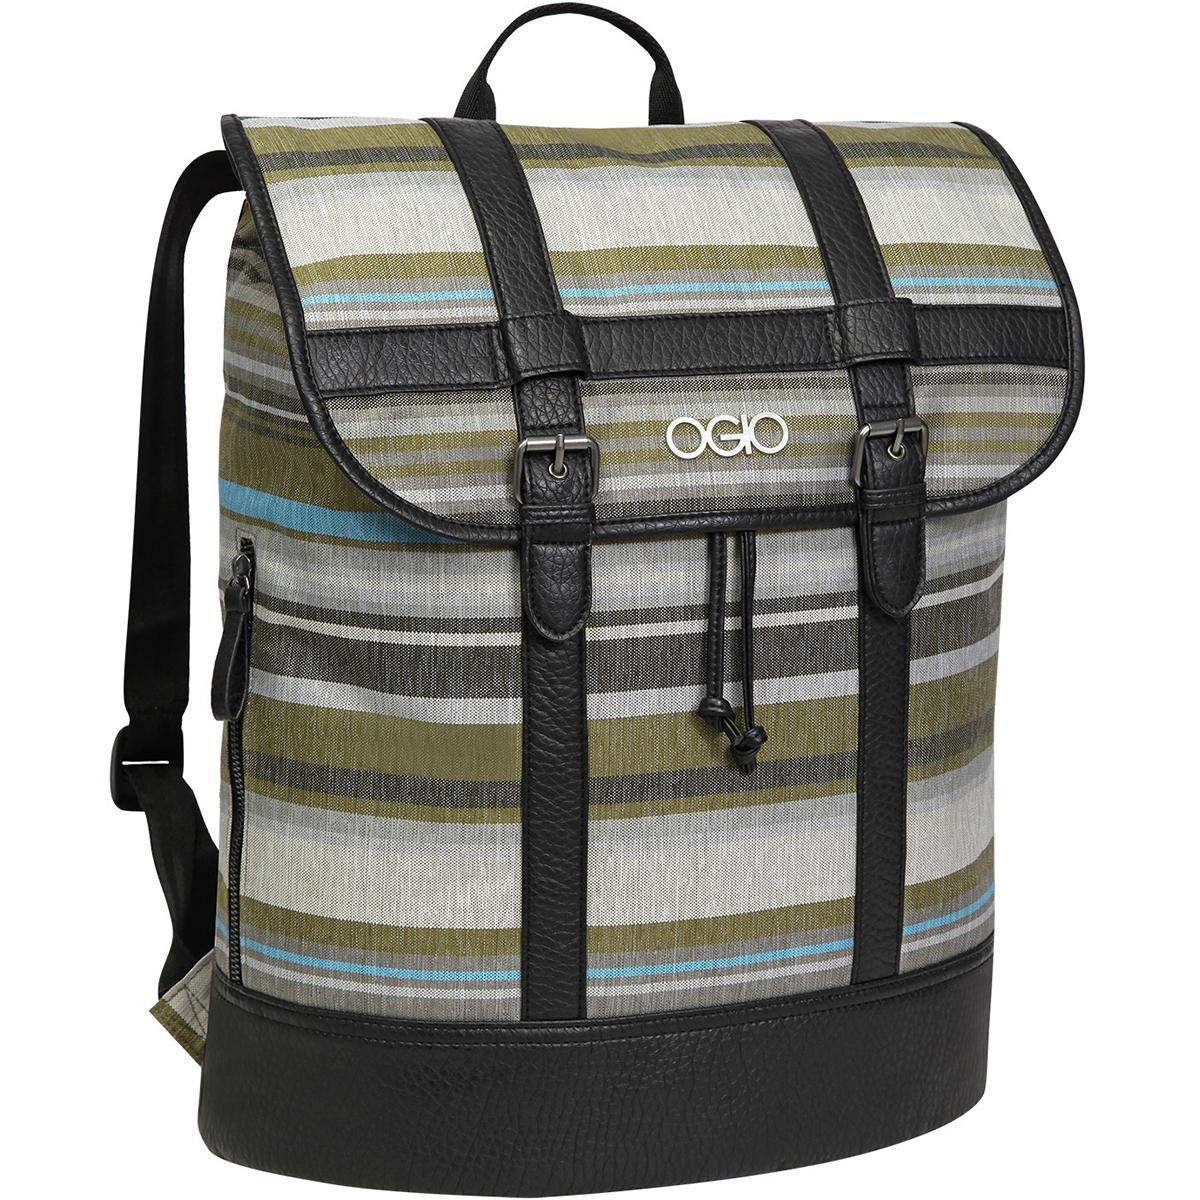 Рюкзак городской OGIO Urban. Emma Pack (A/S), цвет: серый, черный. 031652227453 цена